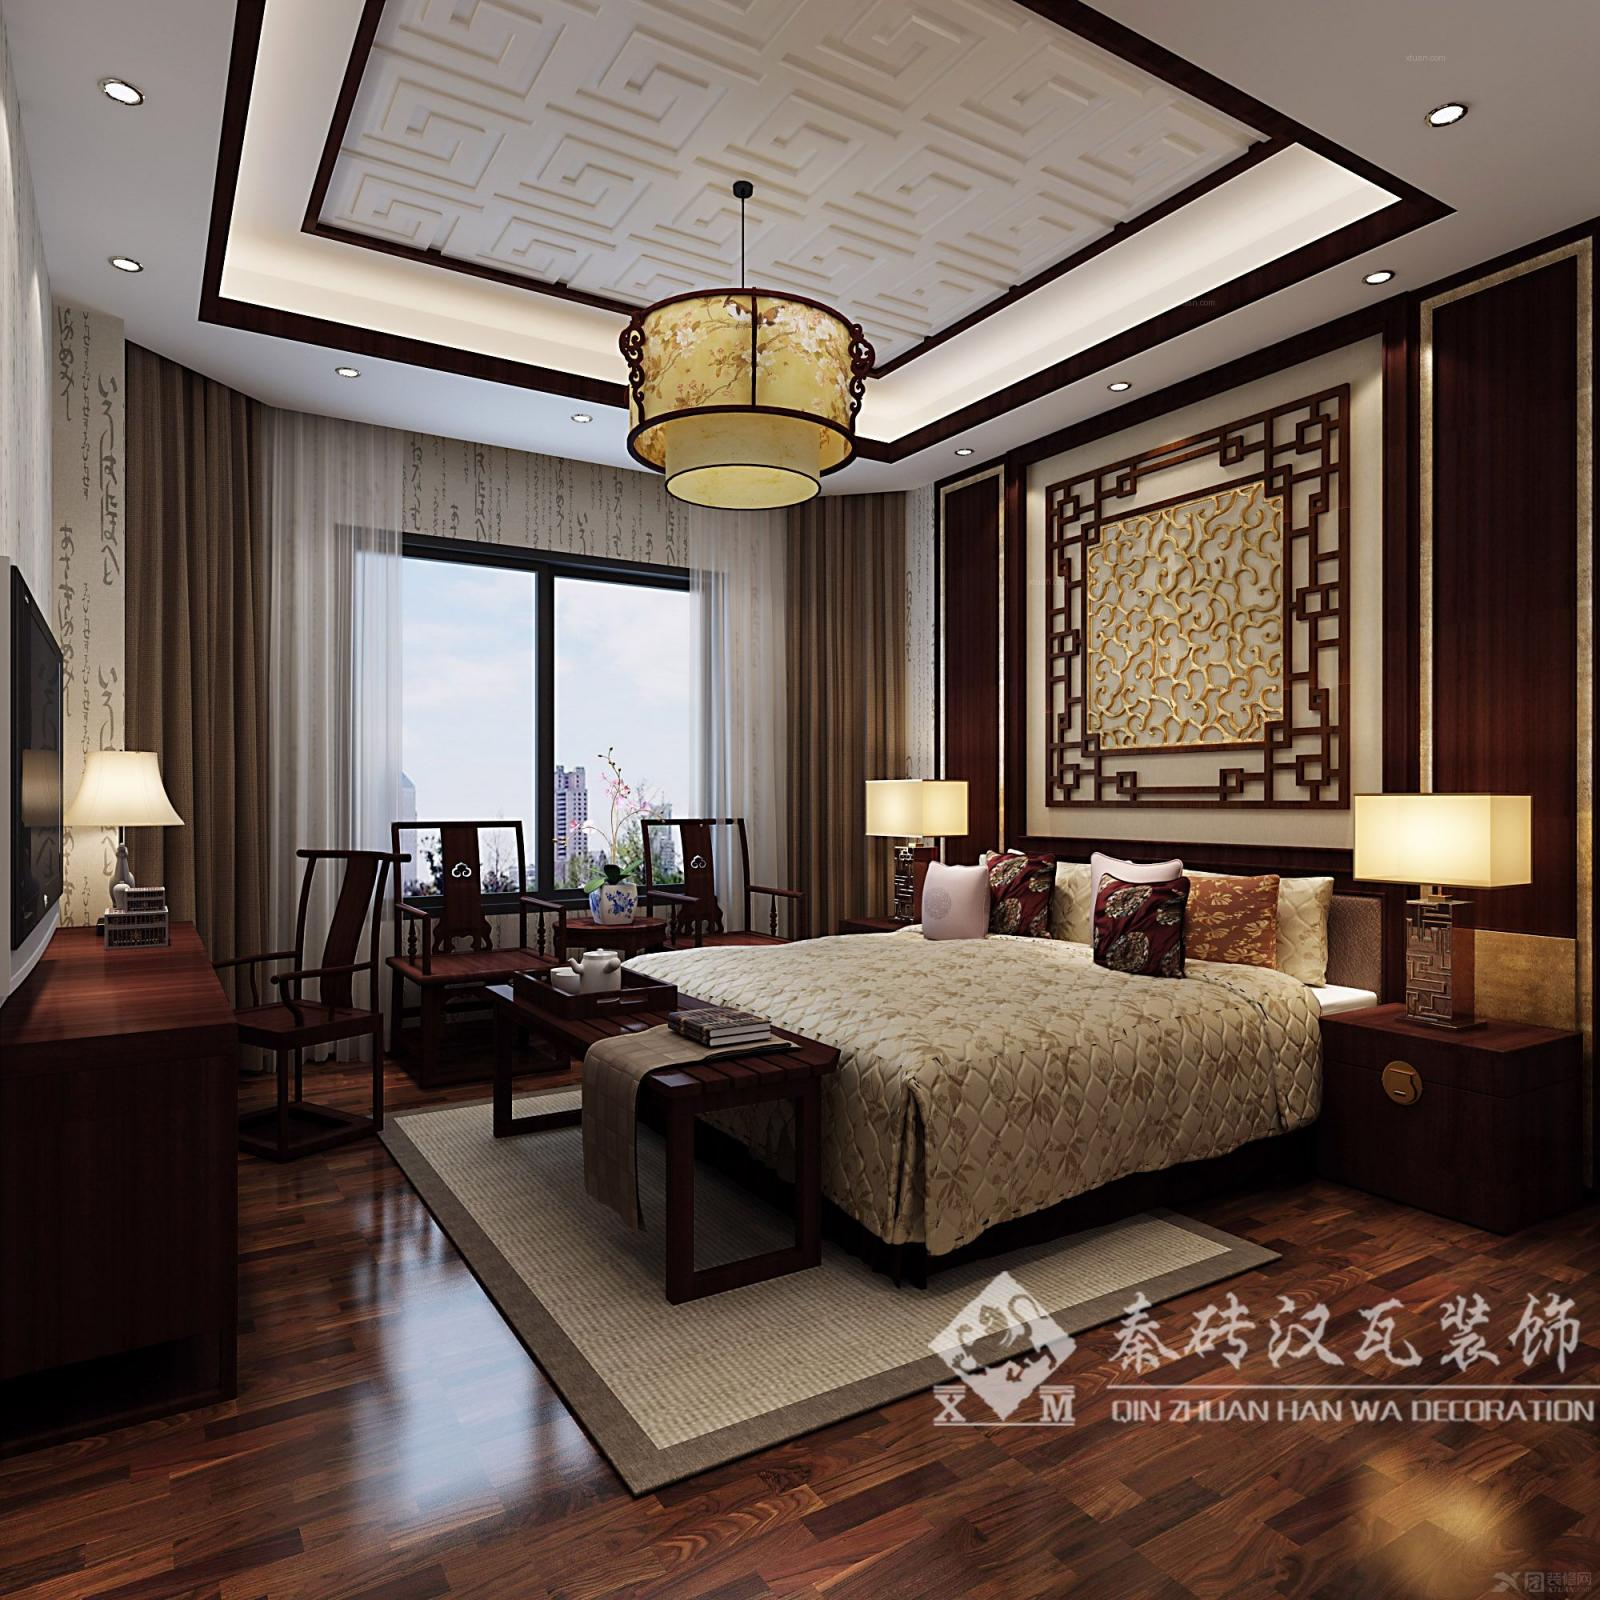 墙面瓷砖贴图 厨房白瓷砖贴图 中式瓷砖贴图素材